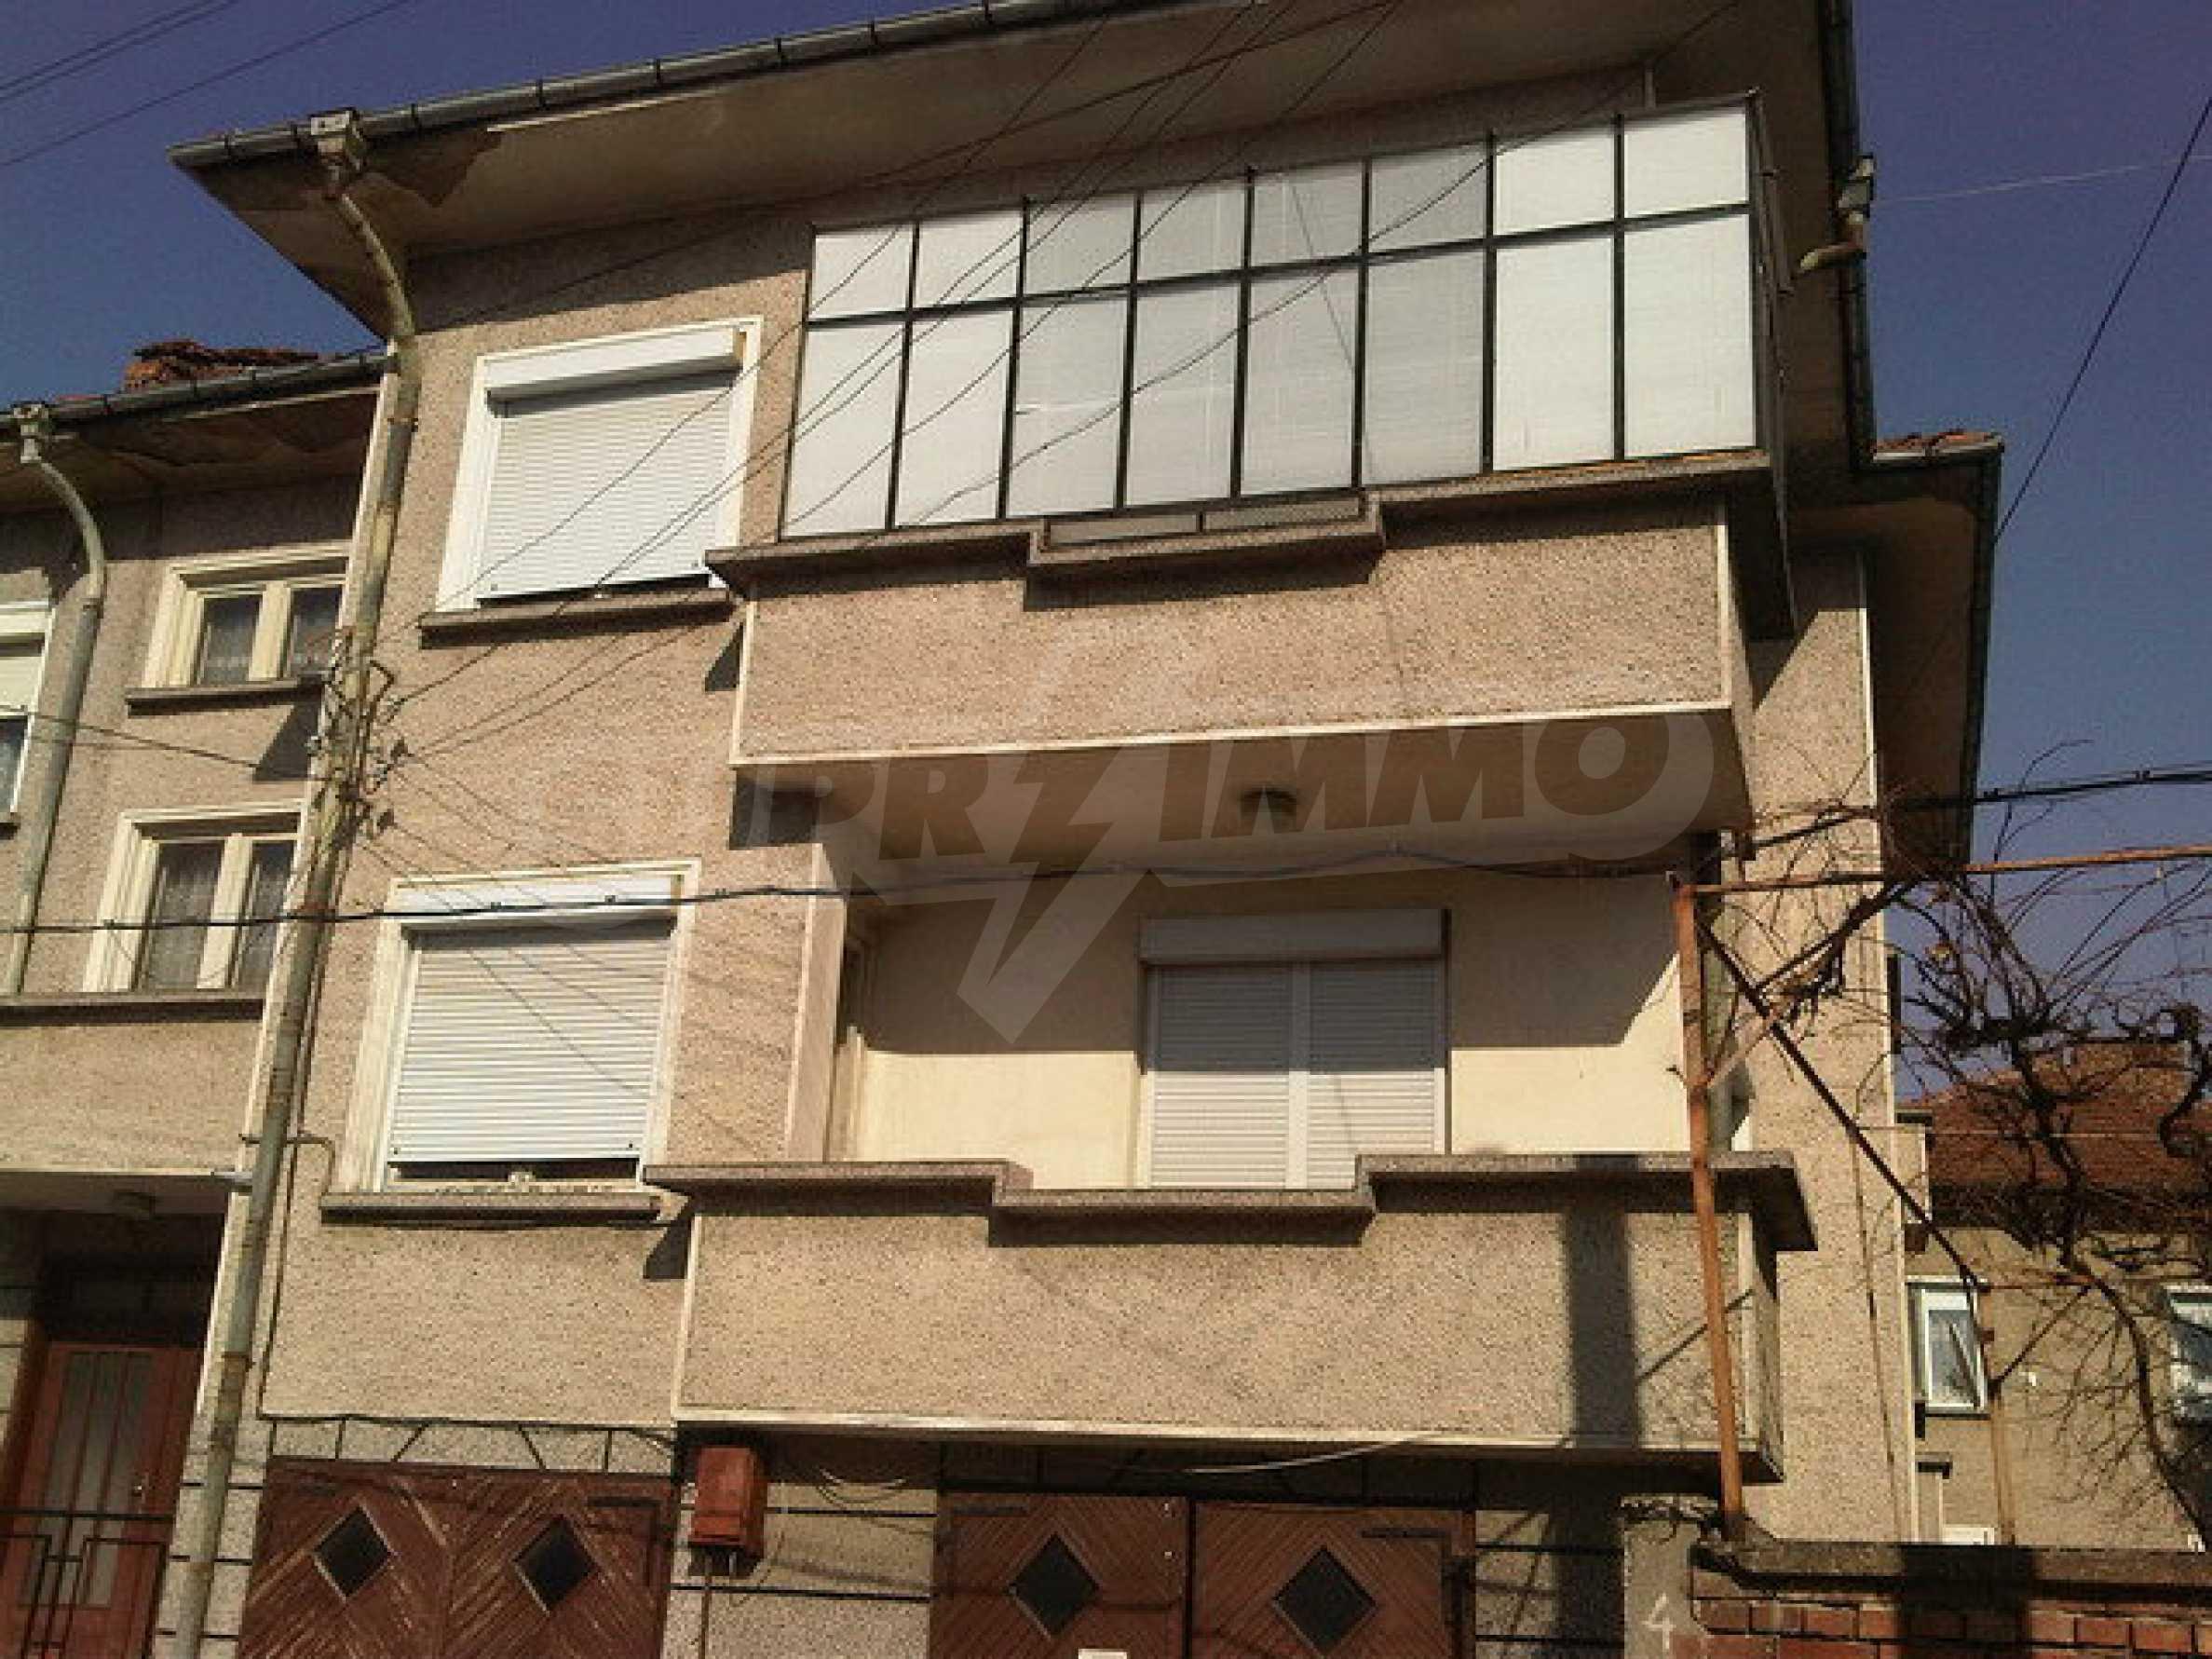 Четиристаен апартамент на втори етаж в сграда в неспосредственна близост центъра на град Севлиево 8